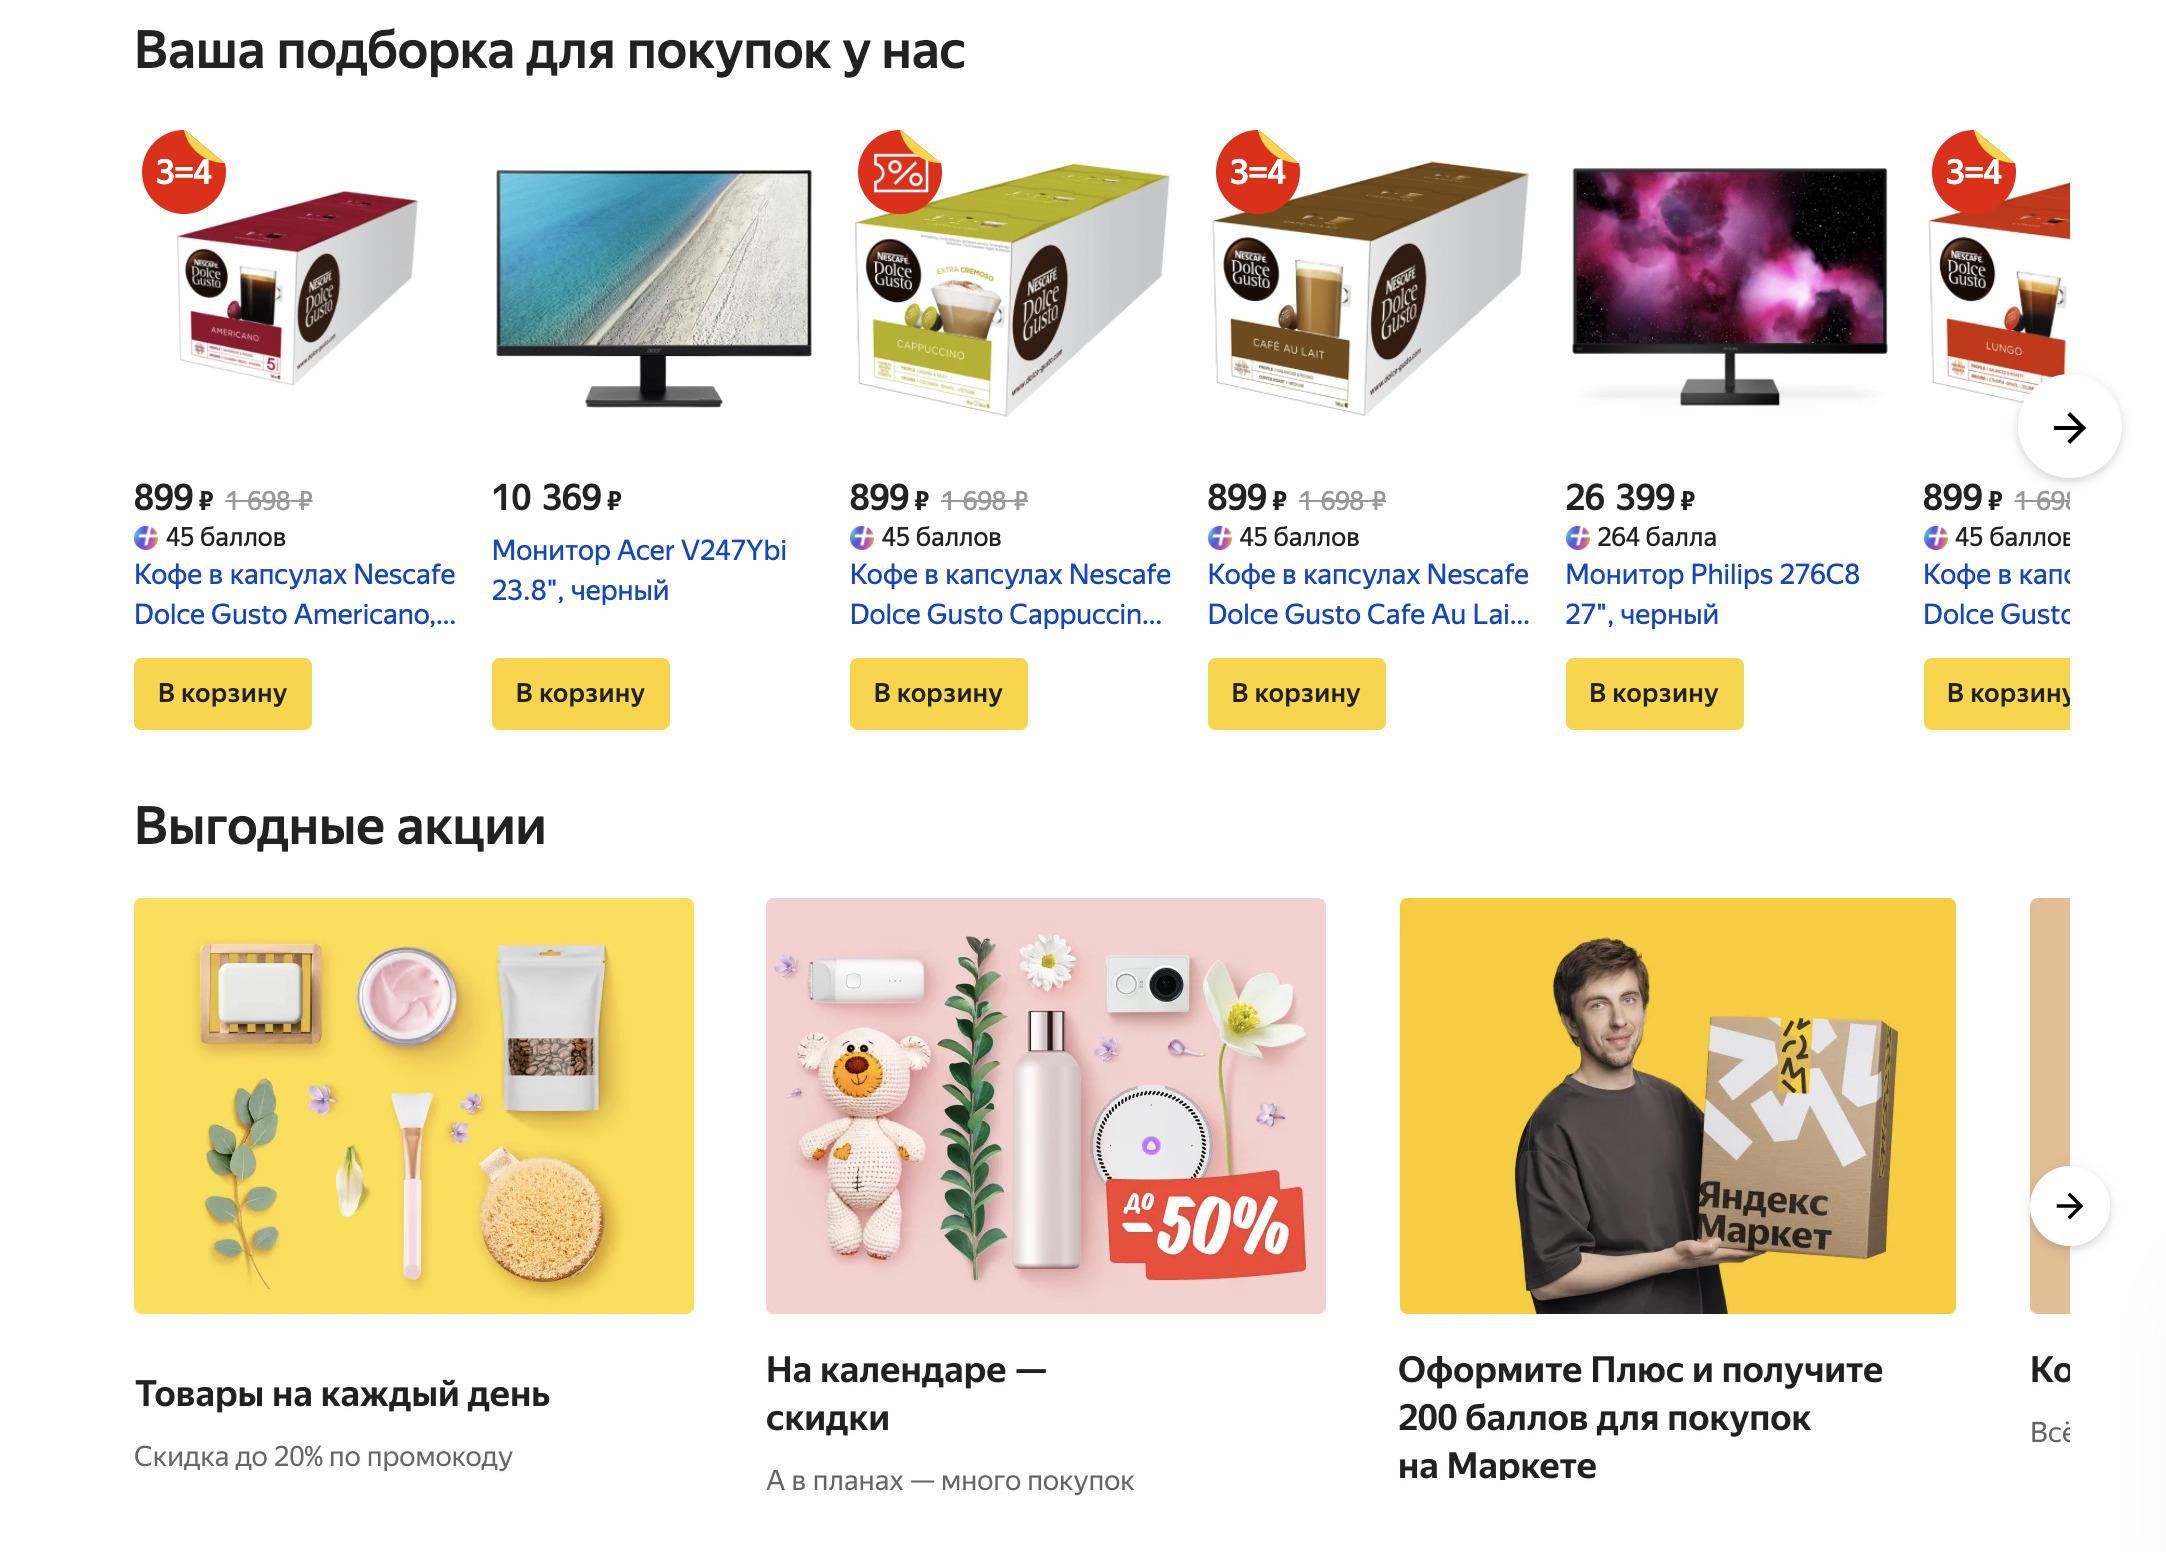 Доставка из Яндекс.Маркет в Когалым, сроки, пункты выдачи, каталог